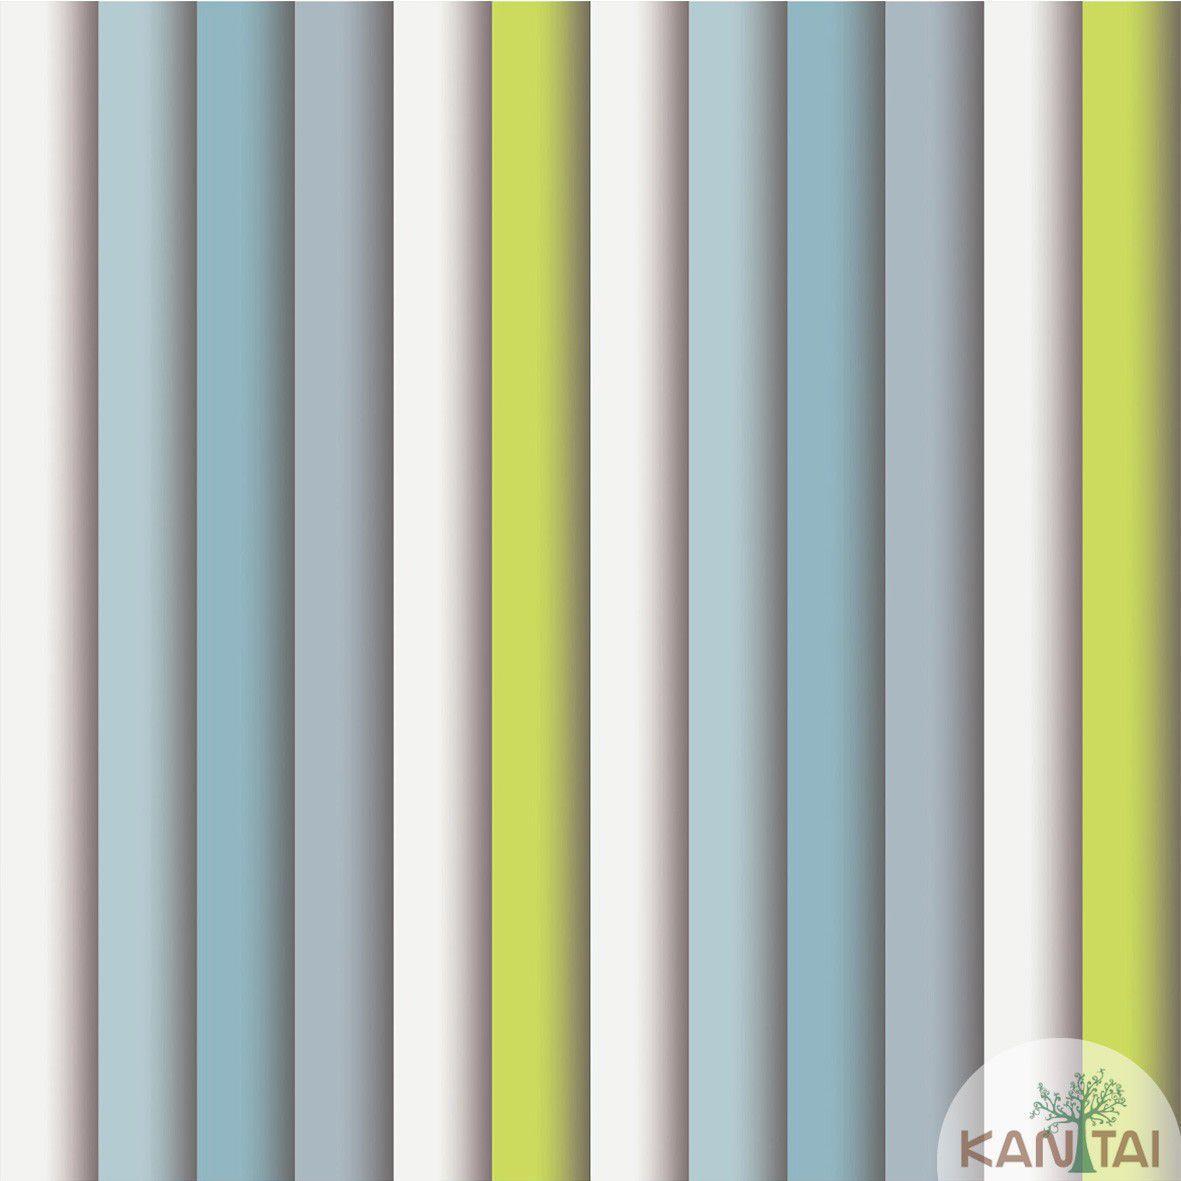 Papel de Parede  Kan Tai Vinilico Coleção Style Listras Azul, Verde, Cinza